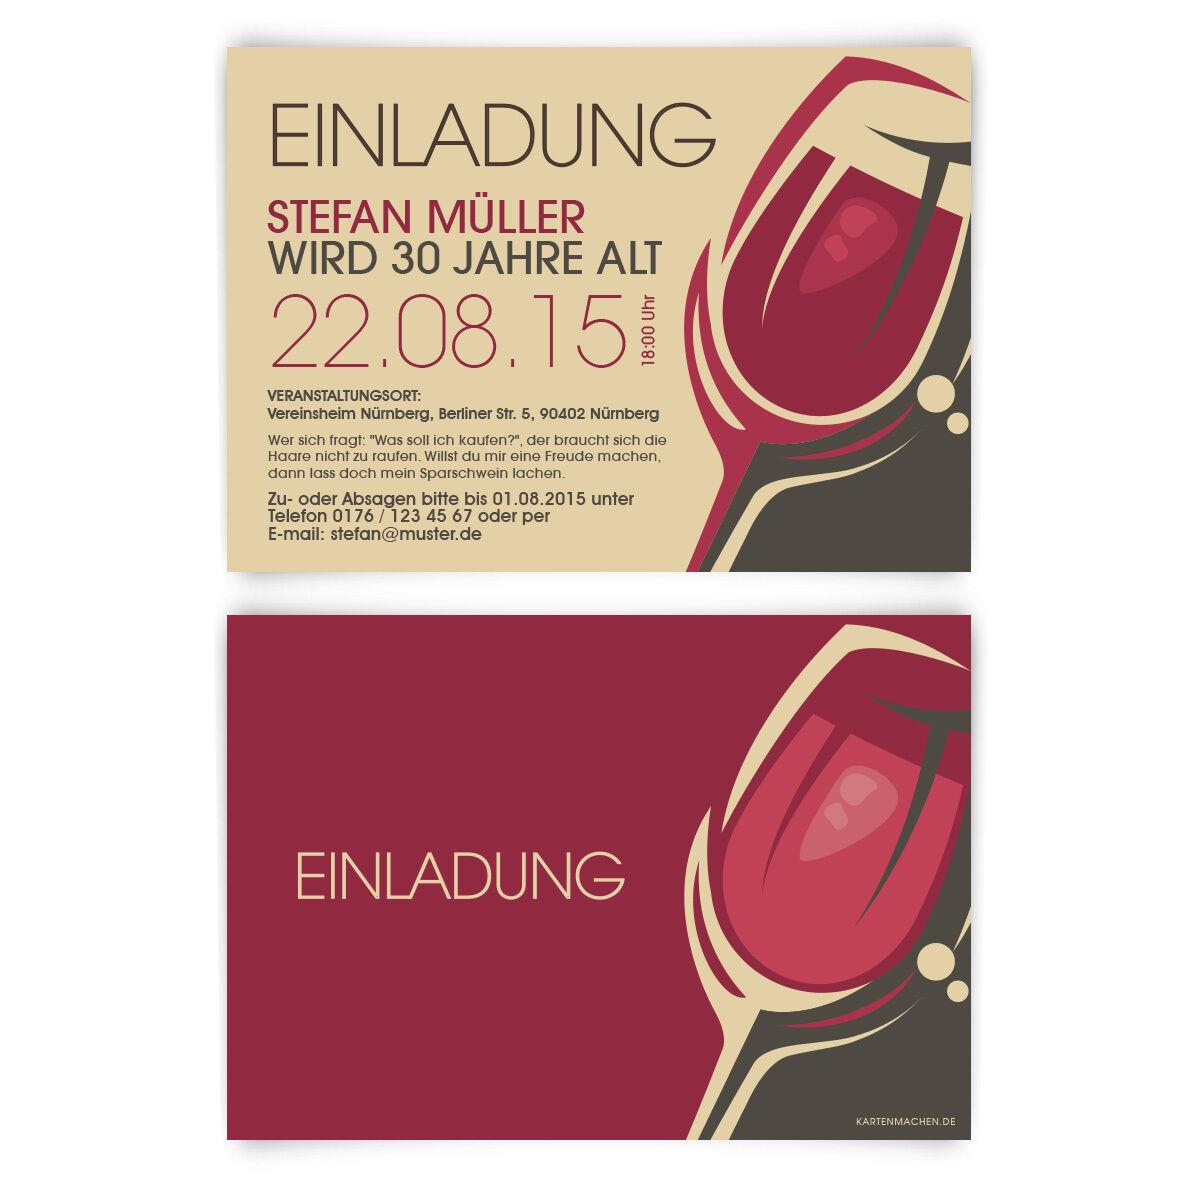 Einladungskarten zum Geburtstag Rotwein Rot Wein Glas Trauben Einladung | Hohe Qualität und geringer Aufwand  | Überlegene Qualität